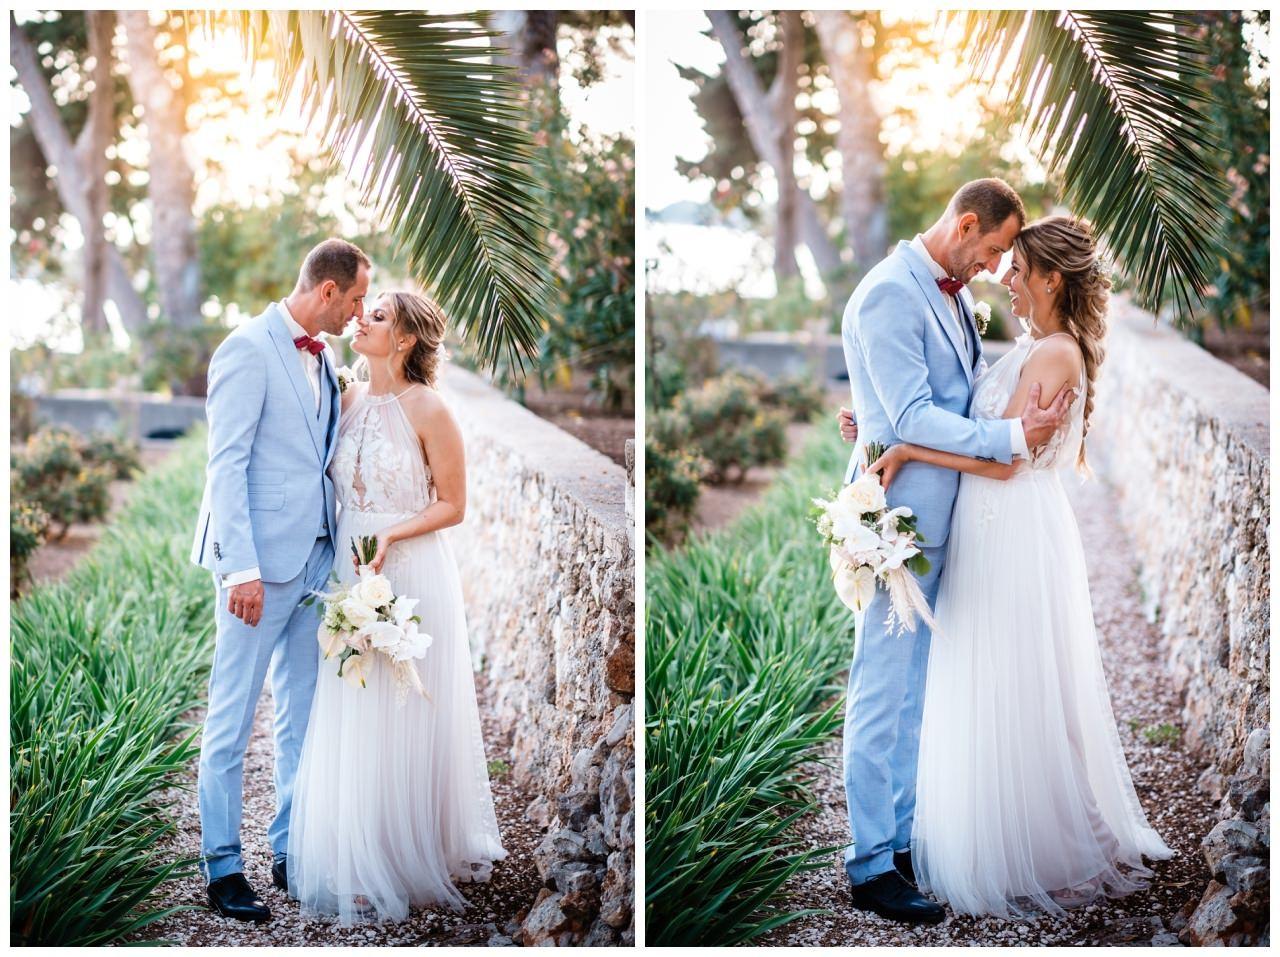 hochzeit kroatien ausland gardasee fotograf strand 75 - Hochzeit am Strand in Kroatien